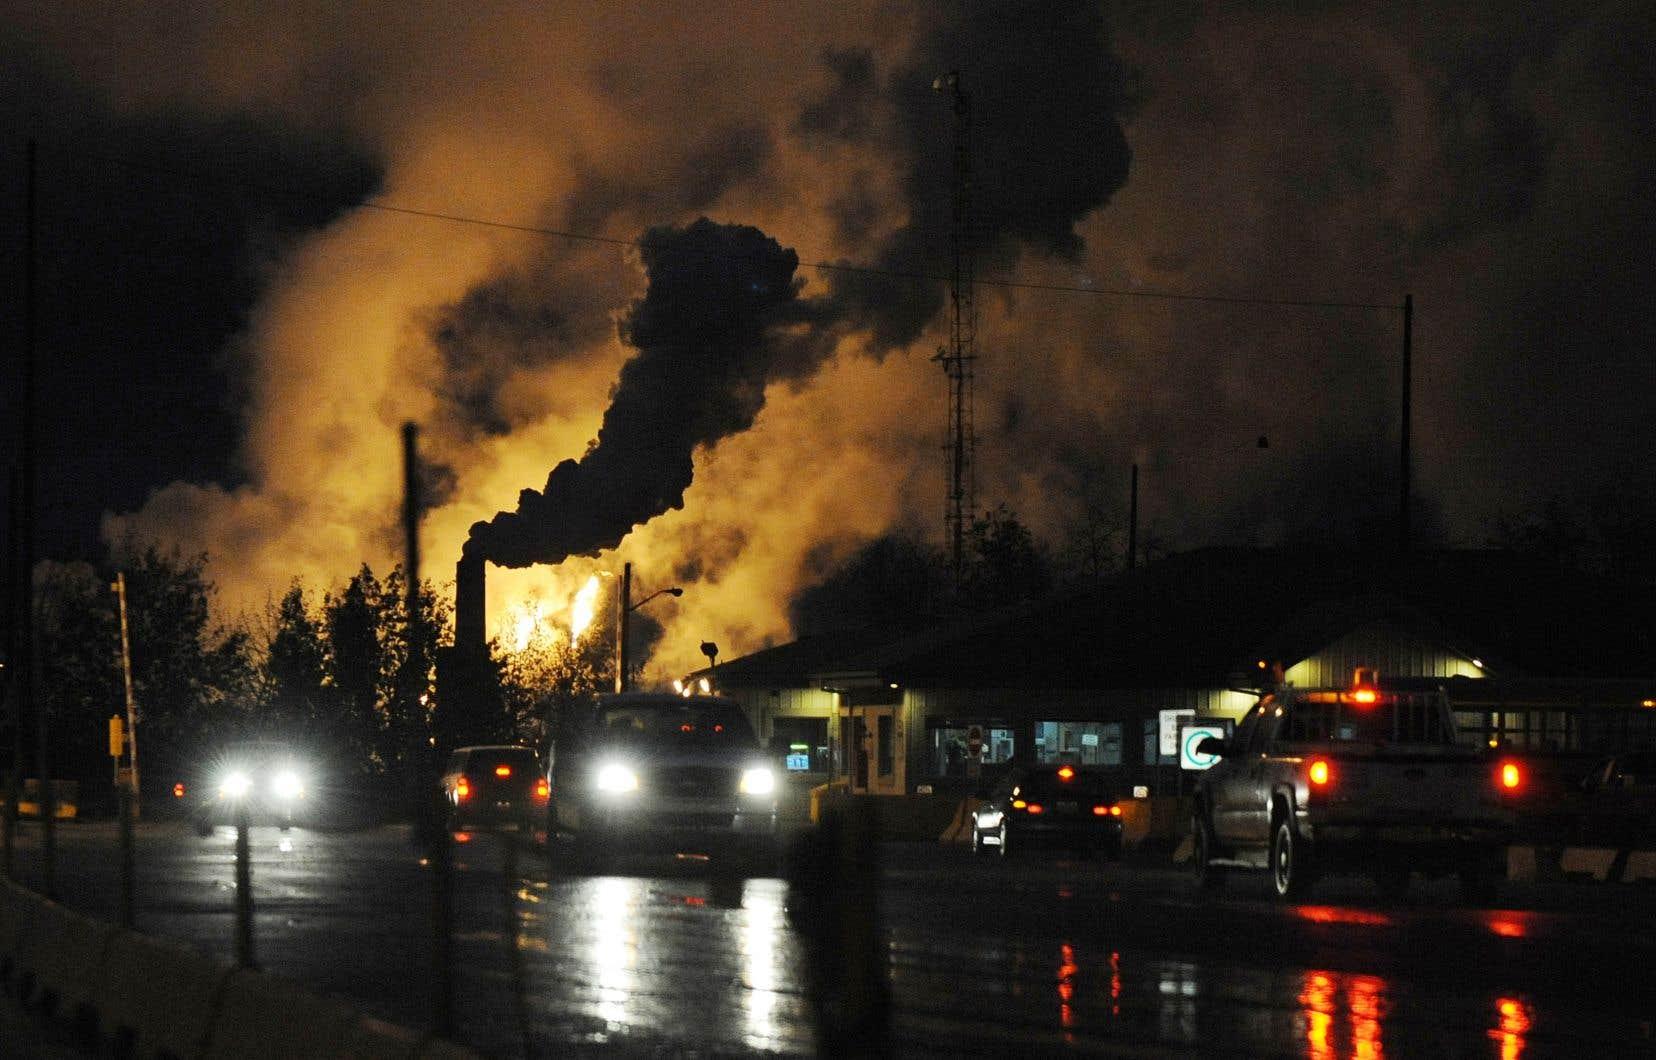 L'été dernier, les chercheurs d'Environnement Canada ont survolé à nouveau la région de Fort McMurray, se concentrant cette fois sur des sites d'extraction in situ. Les résultats devraient être publiés dans quelques années.